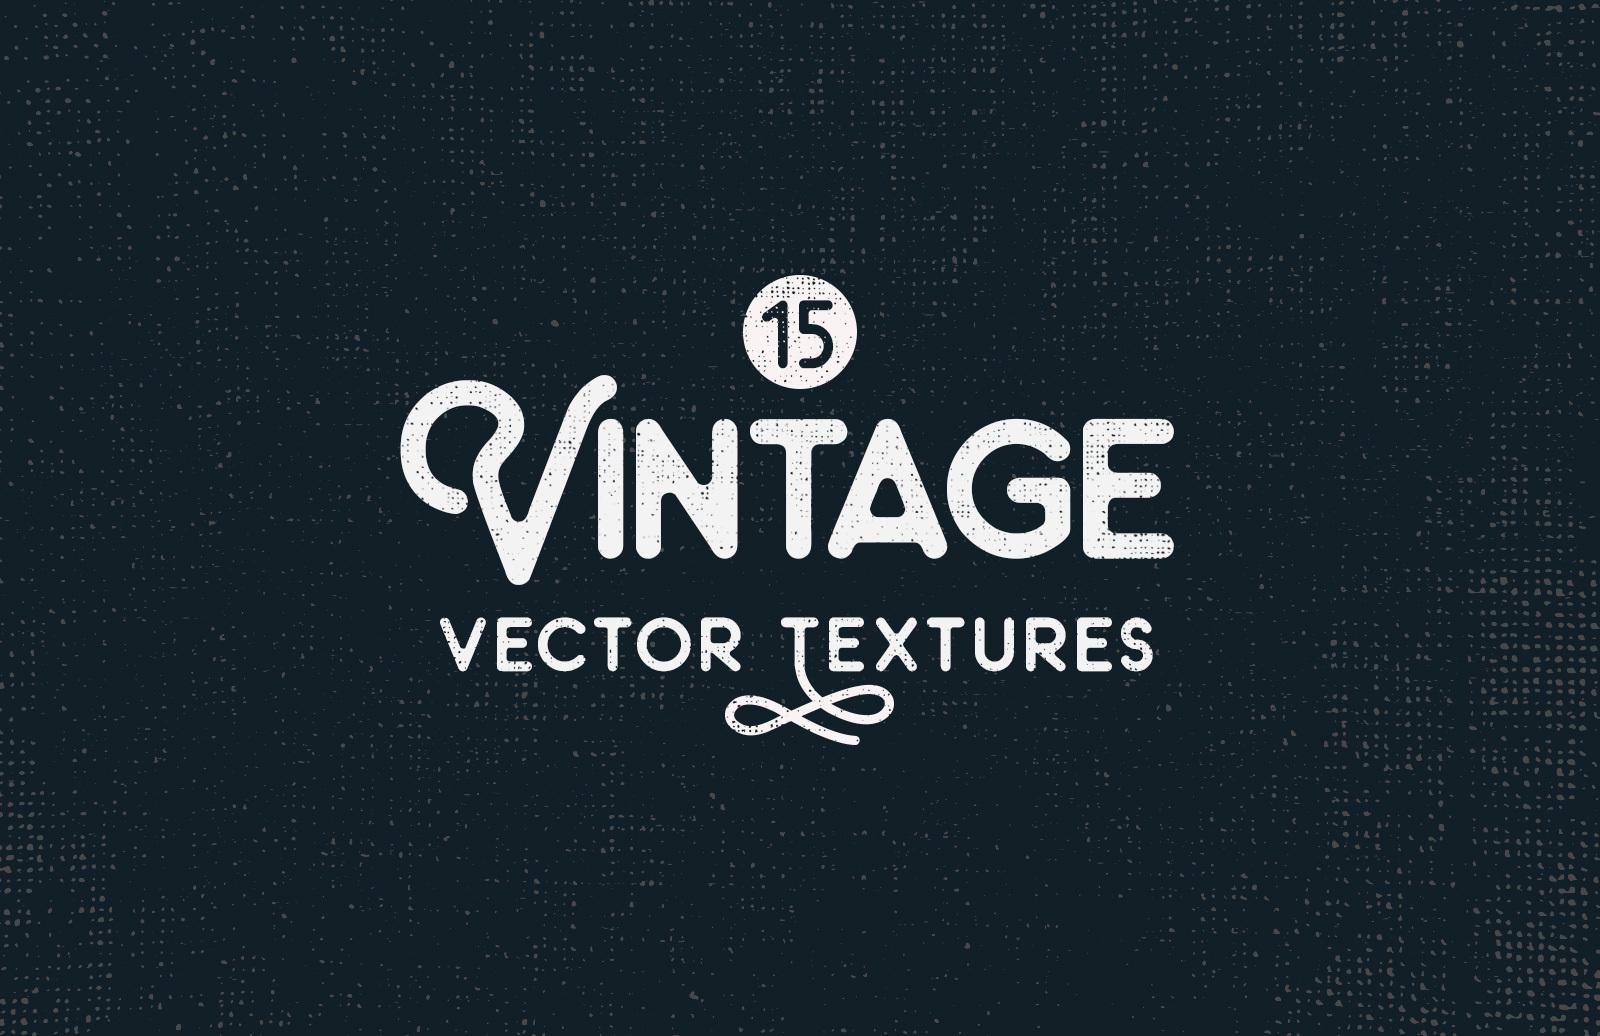 Vintage Vector Textures